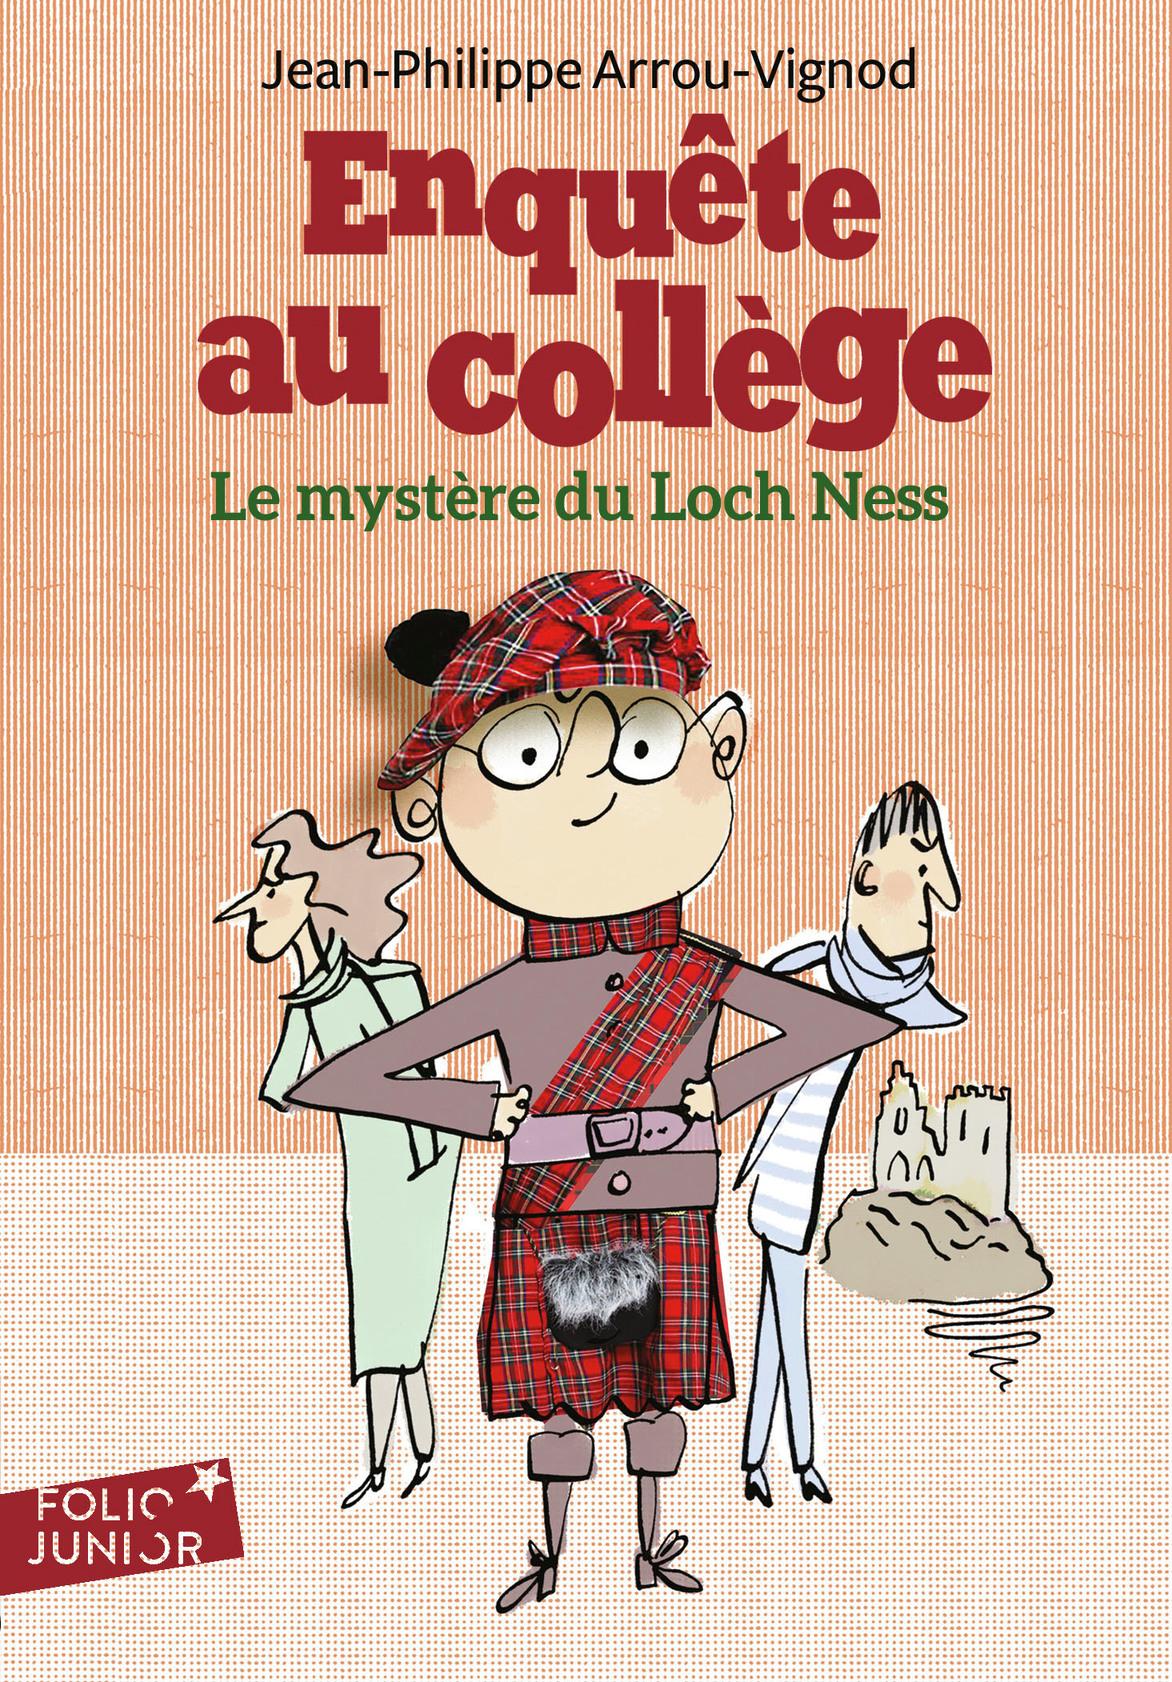 Enquête au collège - Le mystère du Loch Ness